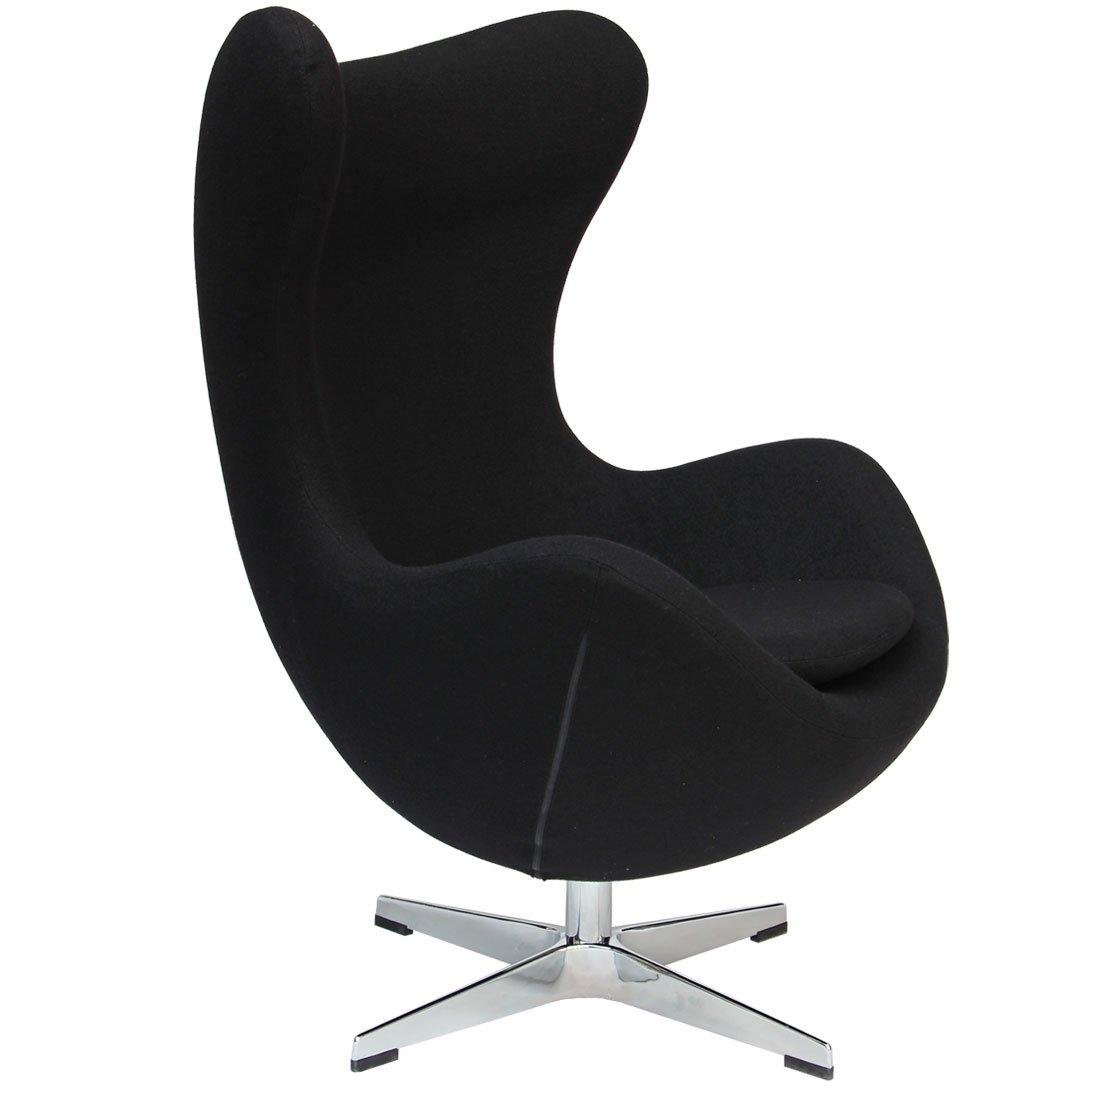 タンスのゲン エッグチェア Arne Jacobsen リプロダクト デザイナーズチェア ブラック 48300003 02 B073PXNR7S エッグチェア|ブラック ブラック エッグチェア